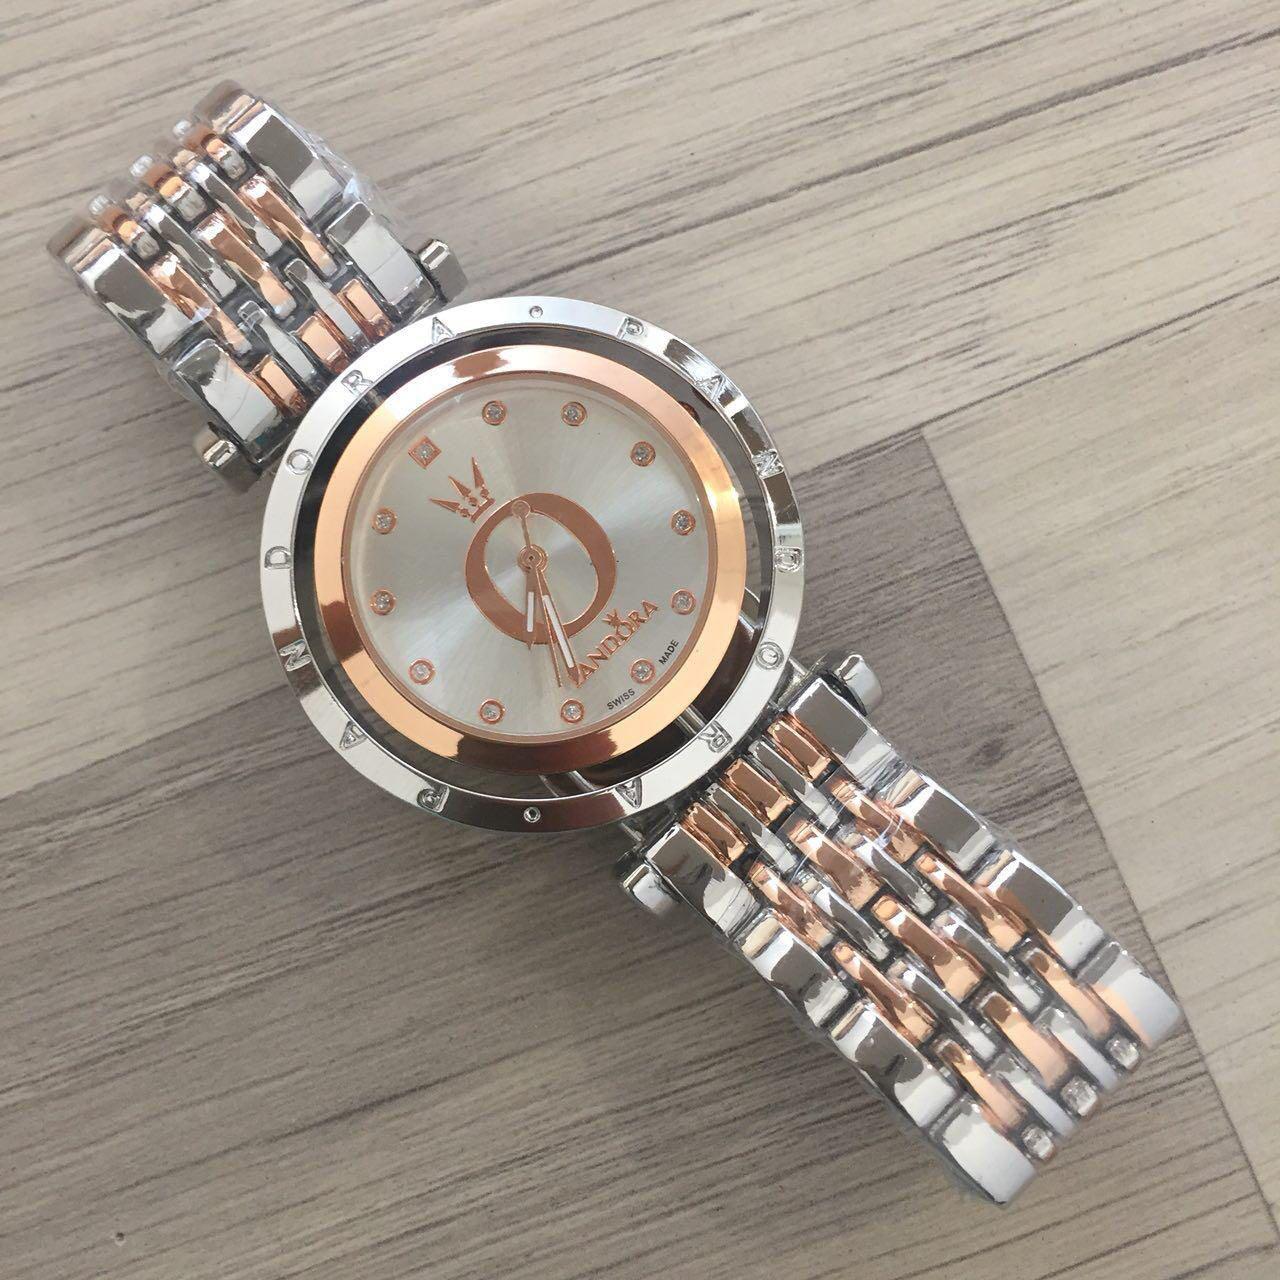 8fe3ab4d959d Женские наручные часы Pandora (Пандора), серебристо - золотой корпус и  белый циферблат